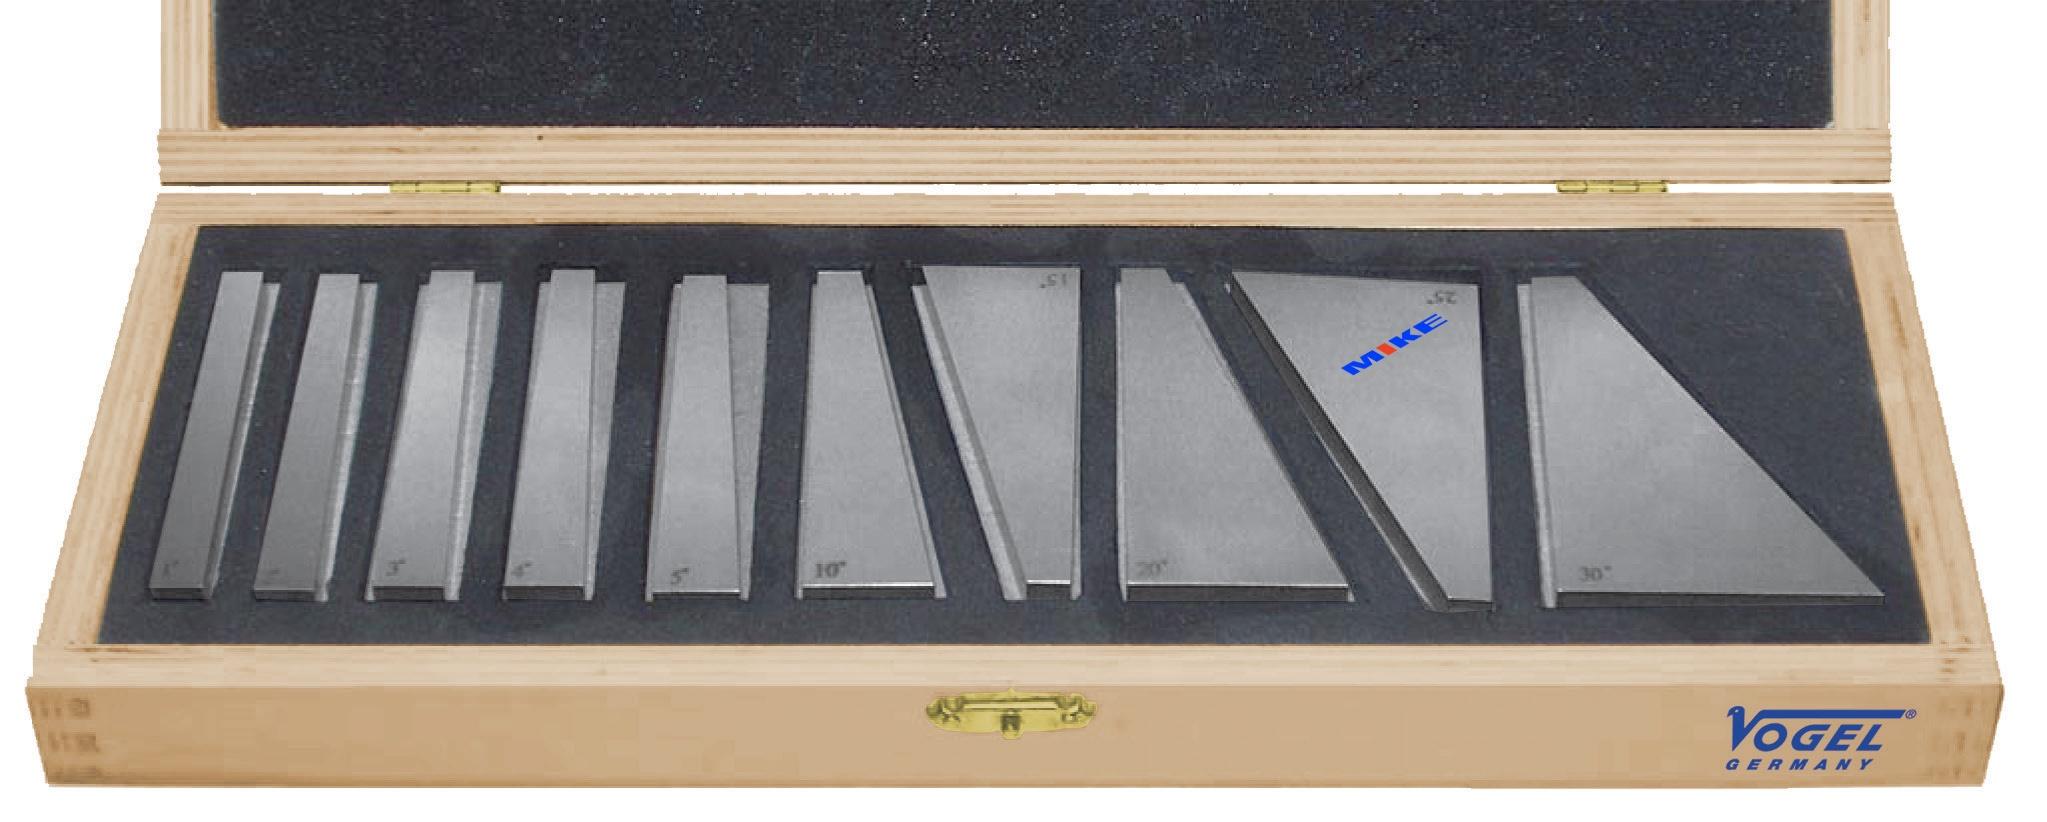 Bộ căn mẫu chuẩn góc các loại